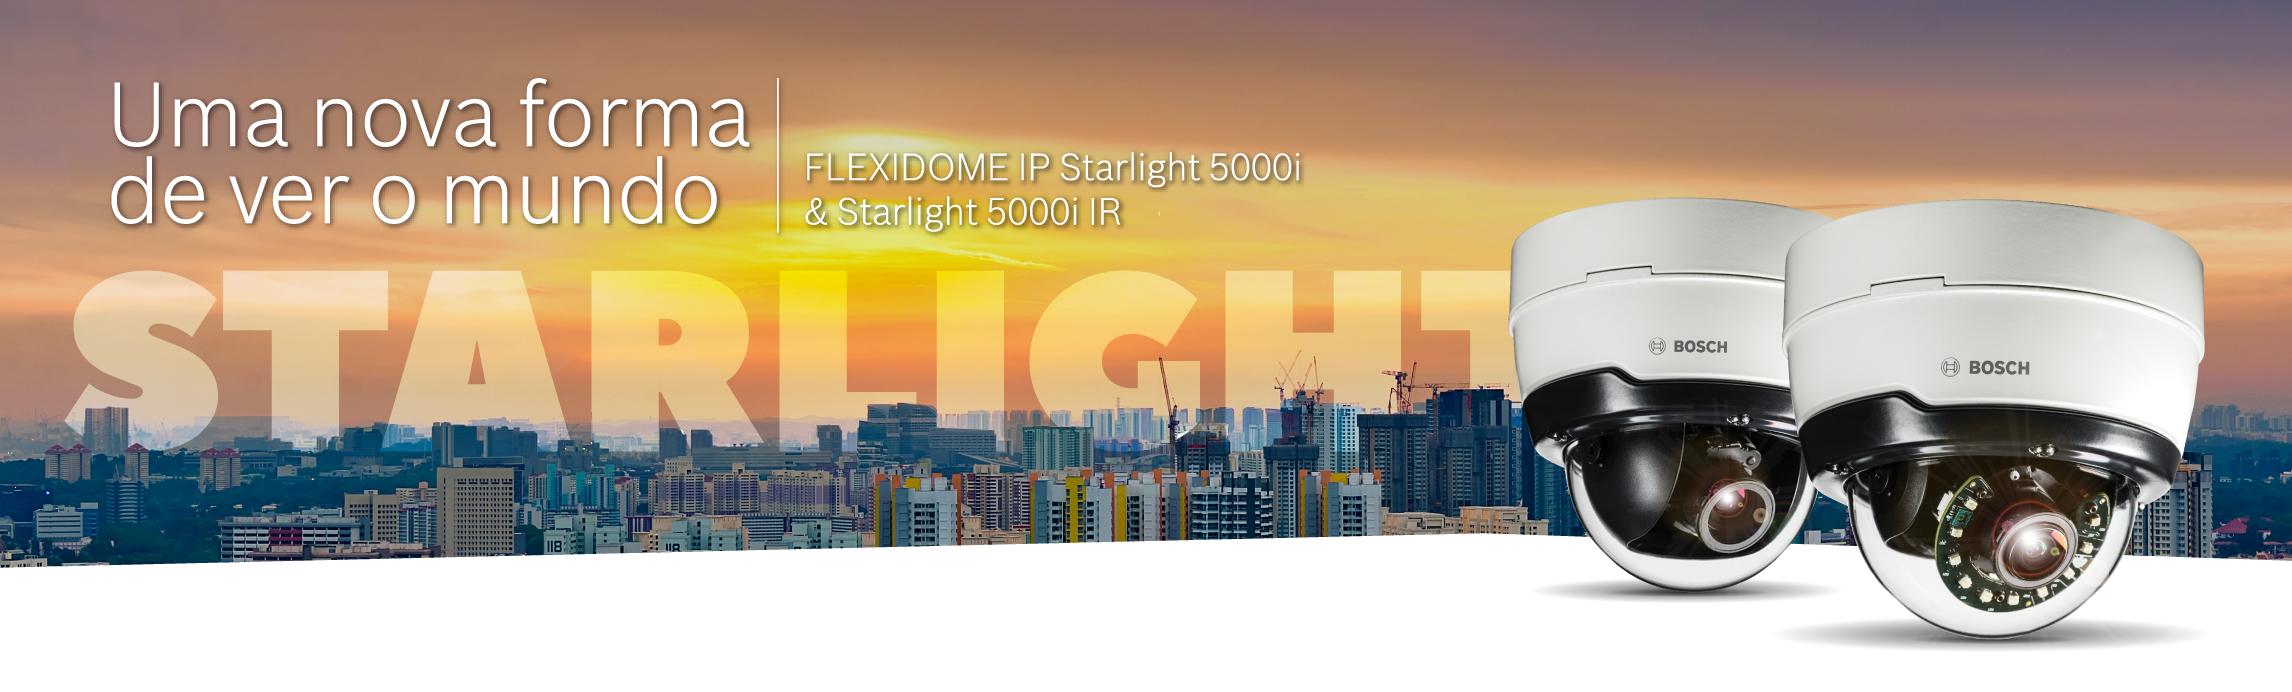 Novas câmaras Bosch Flexidome IP 5000i Starlight